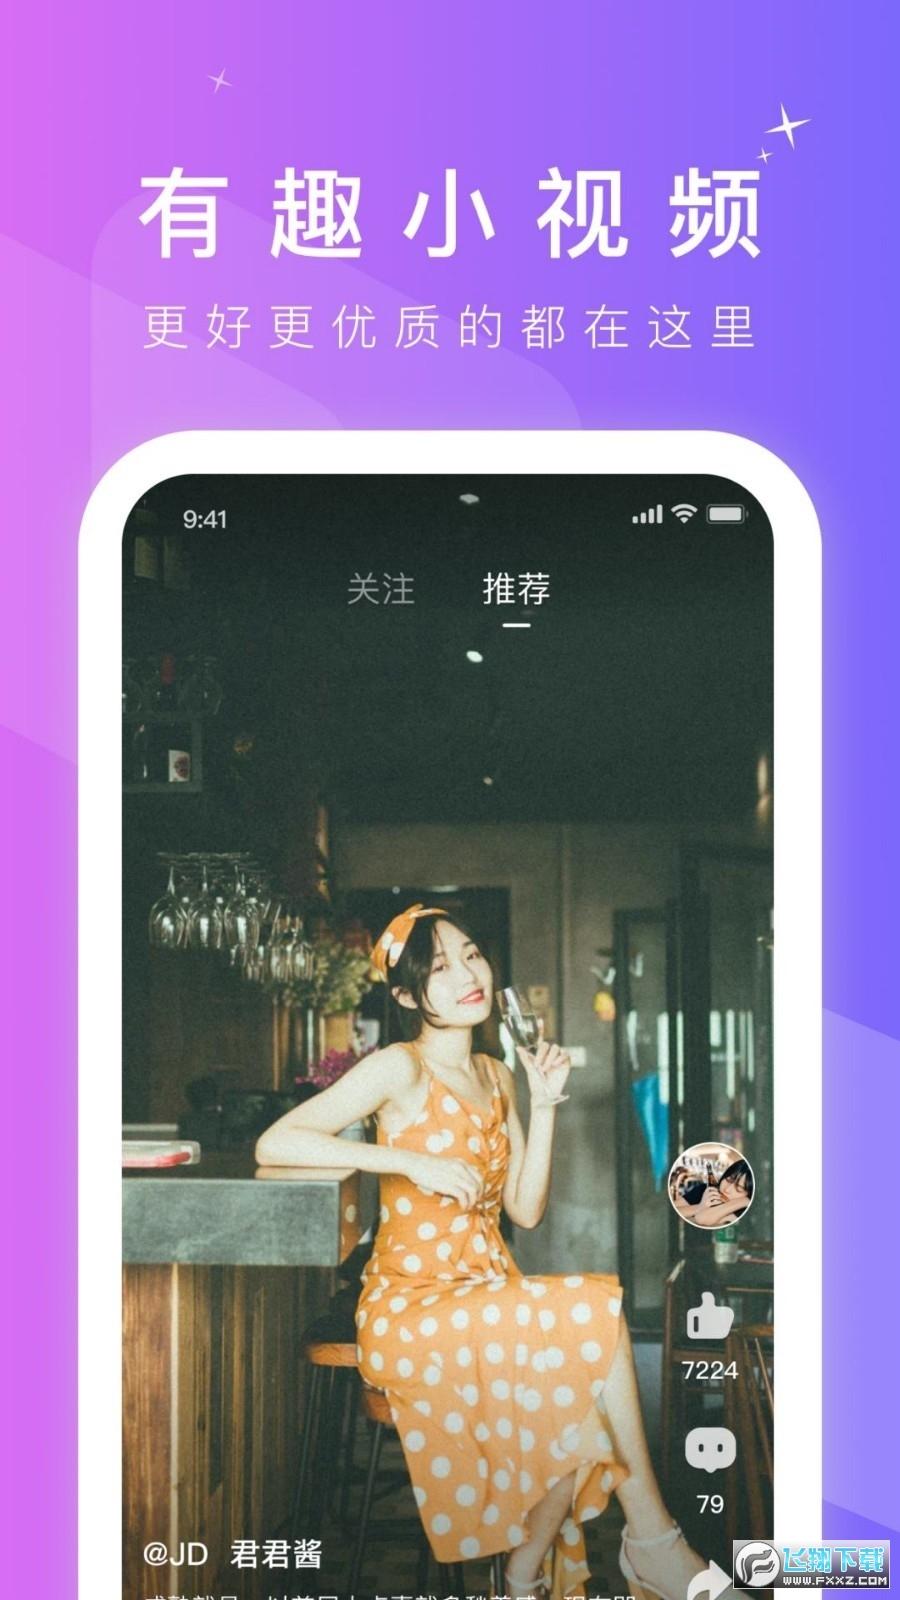 六六短视频赚钱appv1.0 安卓版截图2